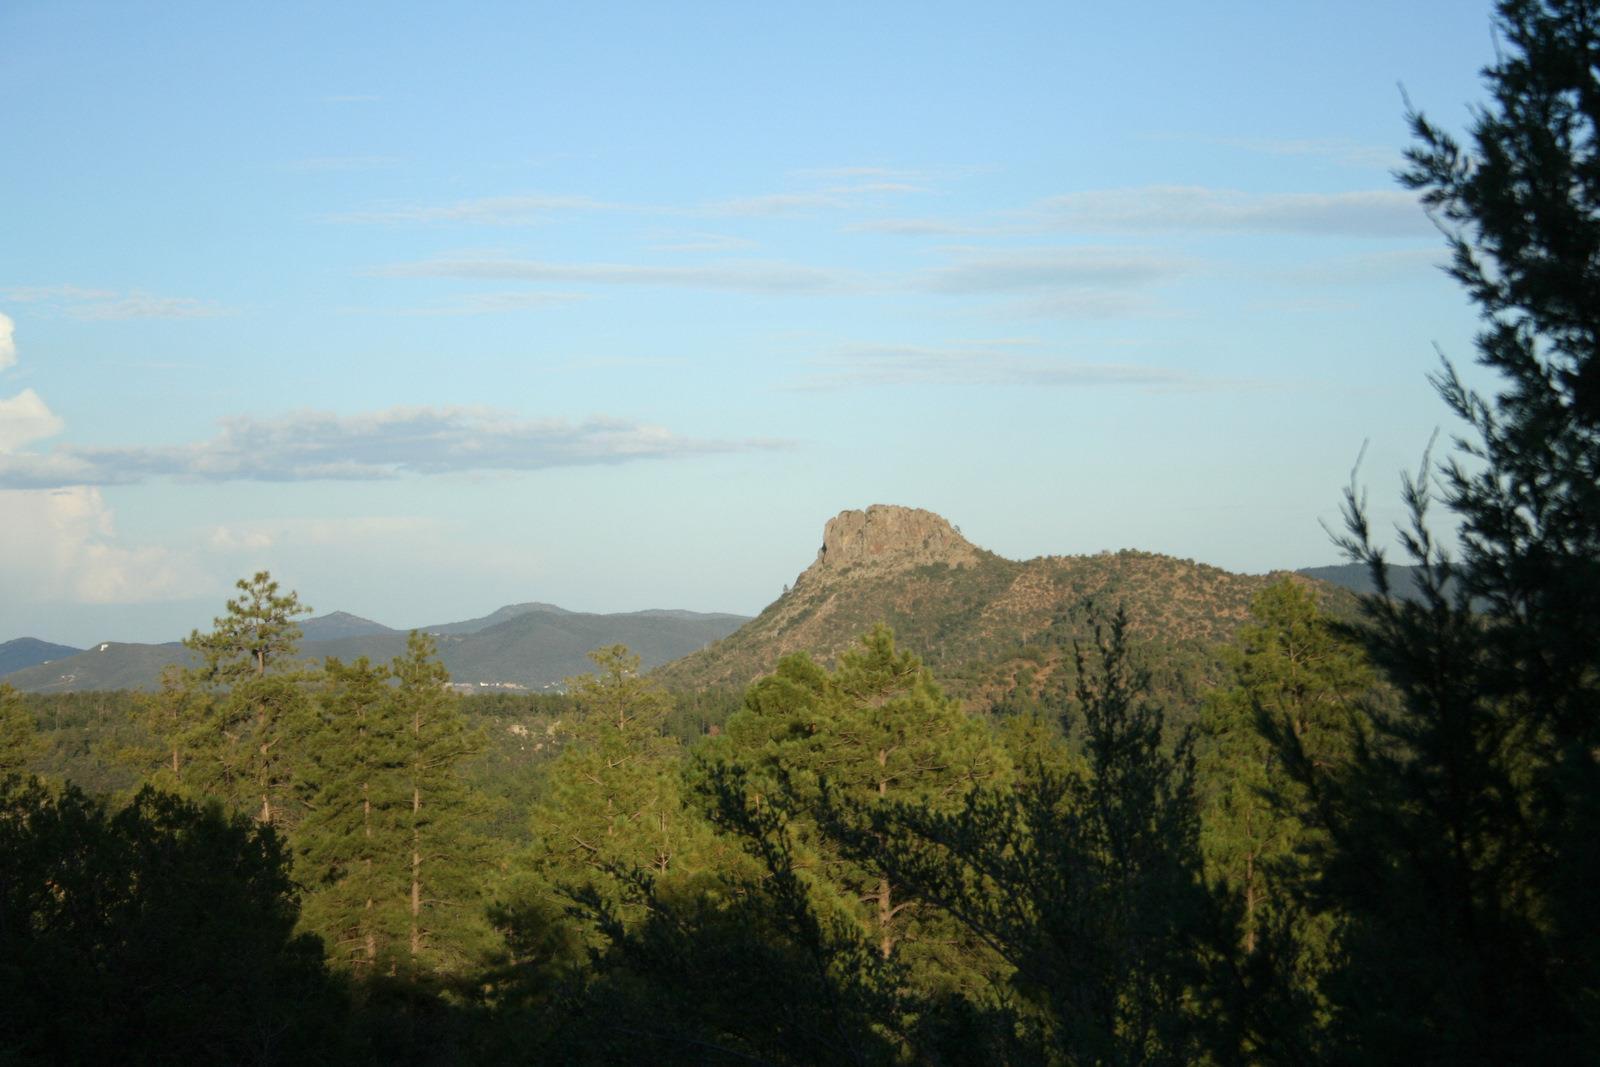 Highland Pines Prescott AZ